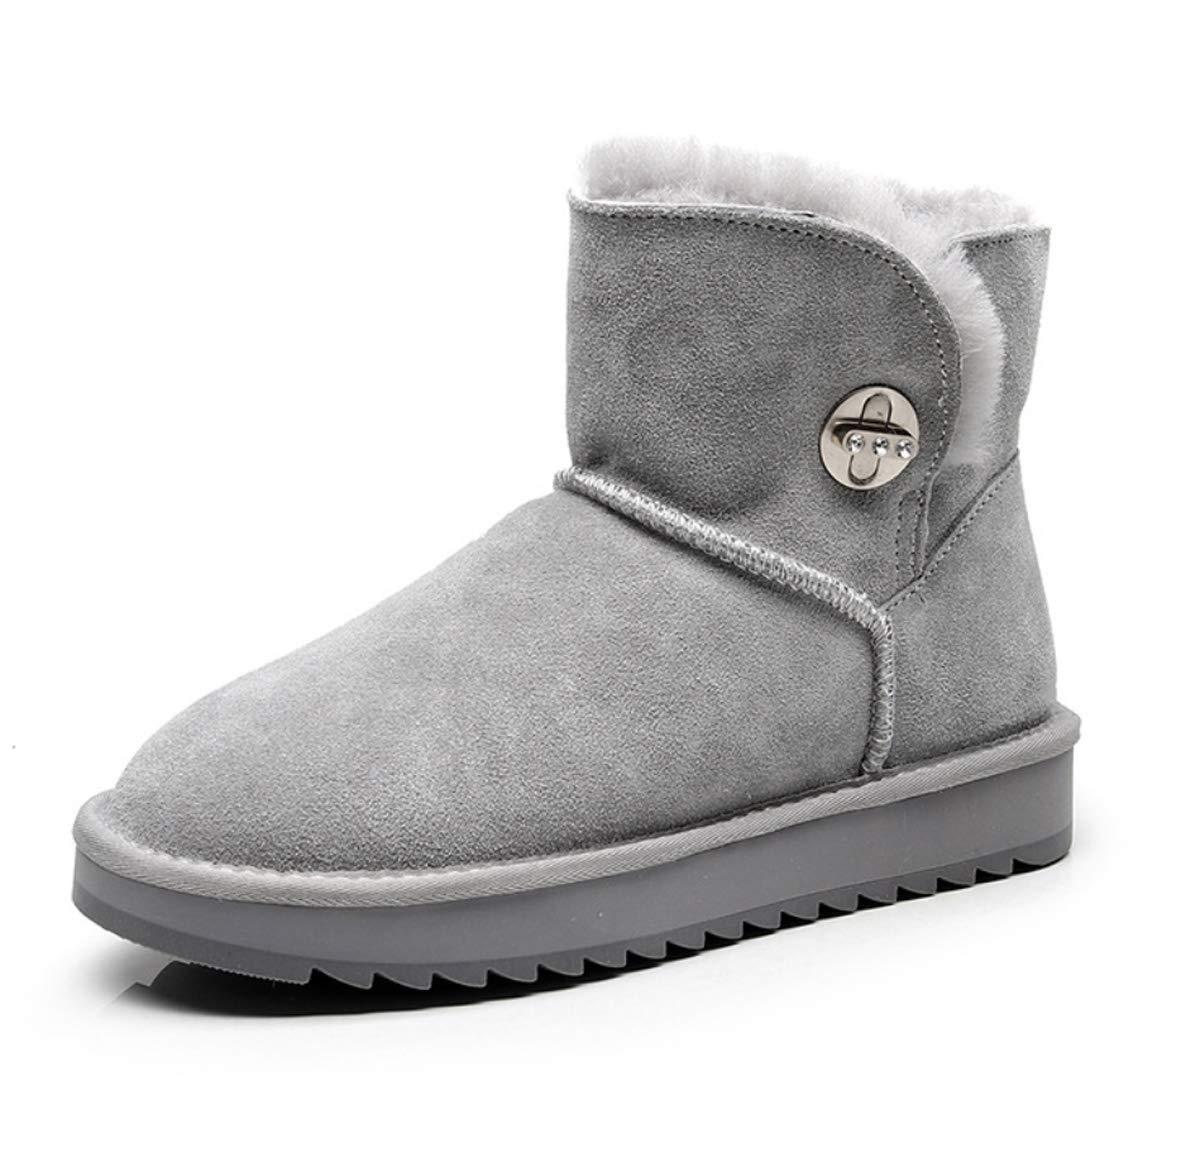 DANDANJIE Schneeschuhe Schneeschuhe Schneeschuhe für Frauen mit flachen Fersen-Knopf-beiläufigen Stiefeletten Arbeiten warme Schuhe für Winter 2018 um 75a2c4